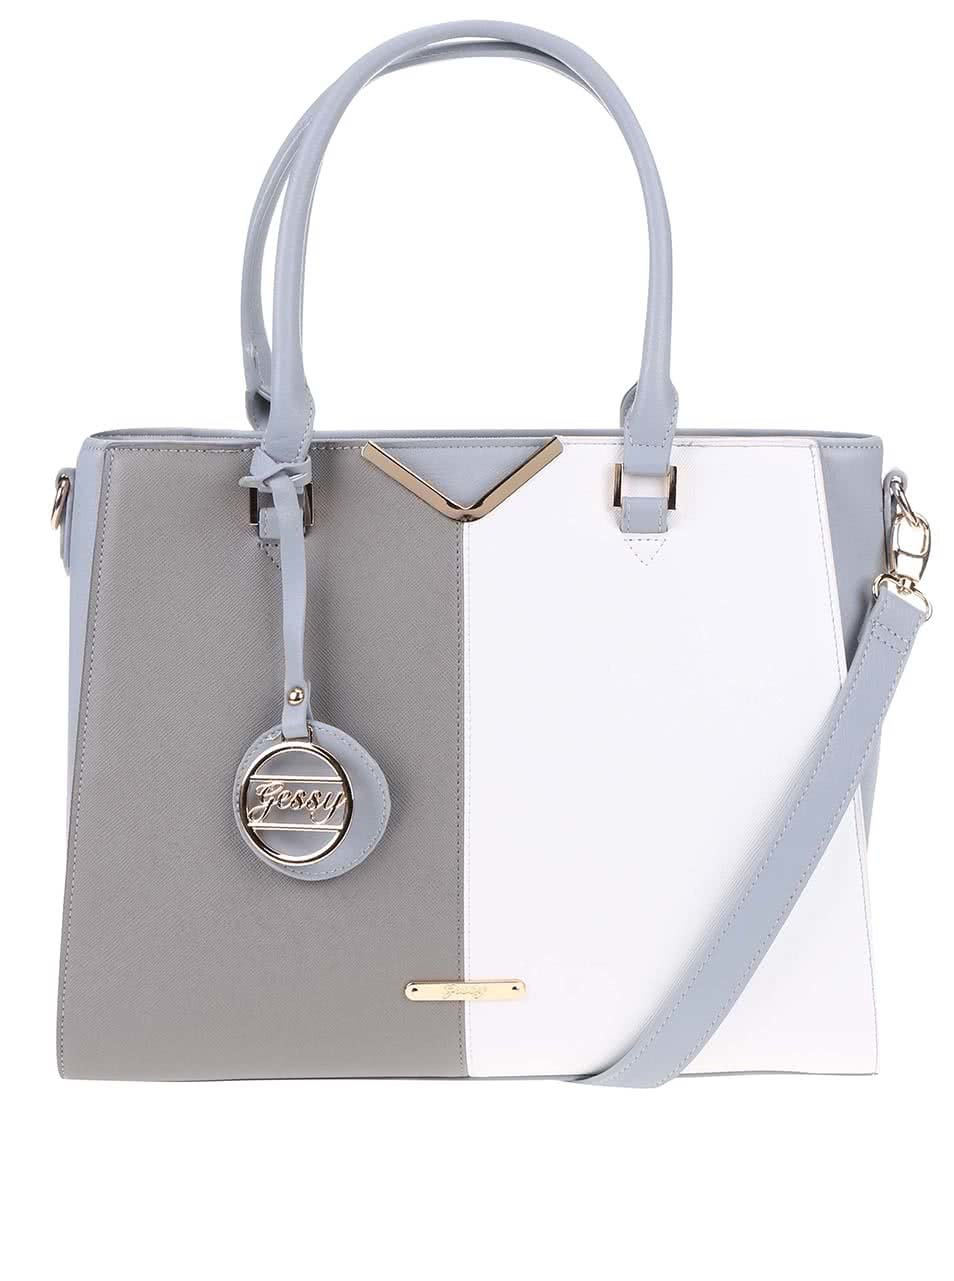 Bielo-sivá obdĺžniková väčšia kabelka Gessy ... 14d43a51d3a